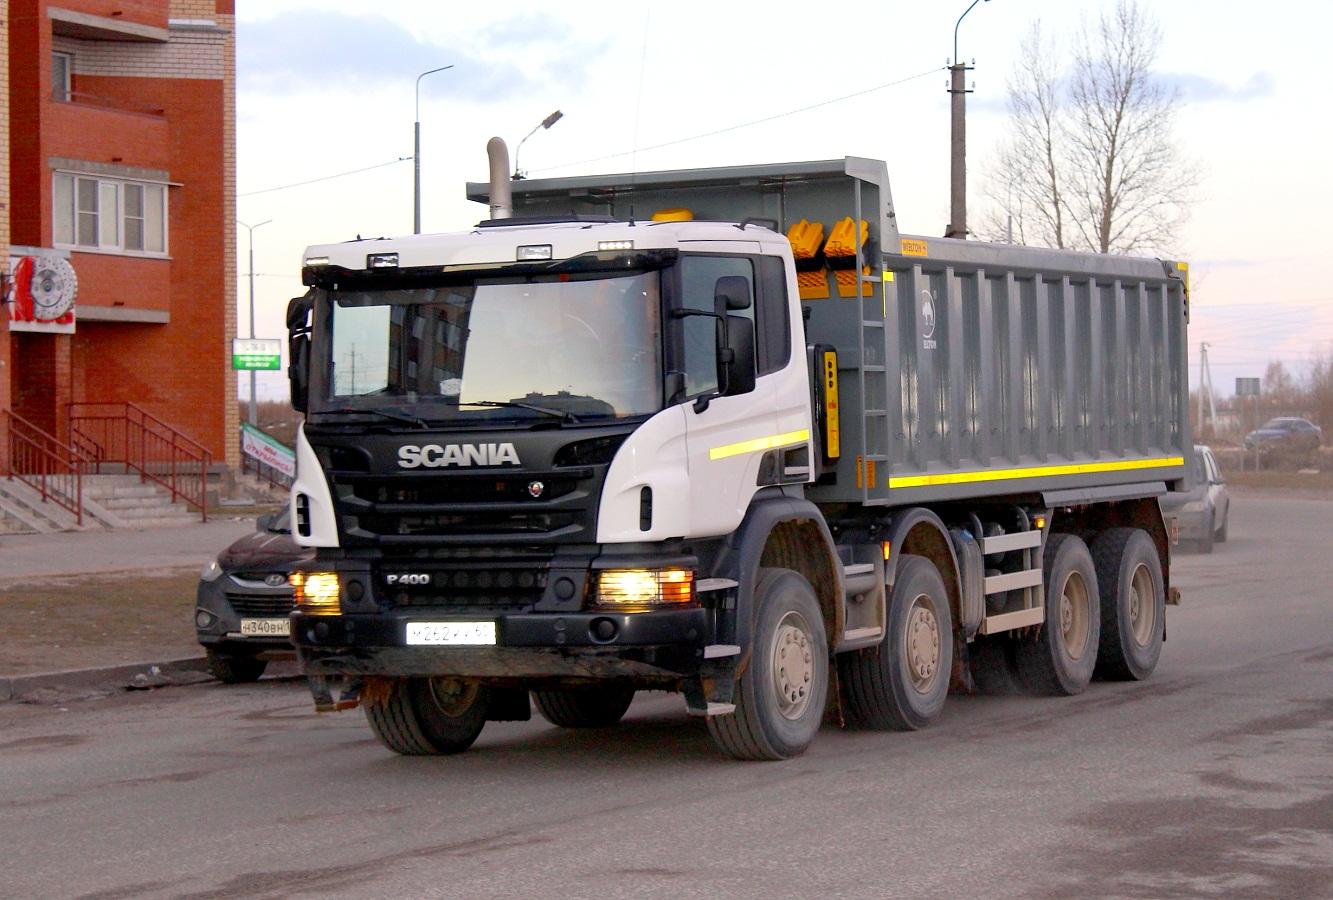 Самосвал Wielton на шасси Scania P 400 #М 262 КК 60. Псков, улица Труда